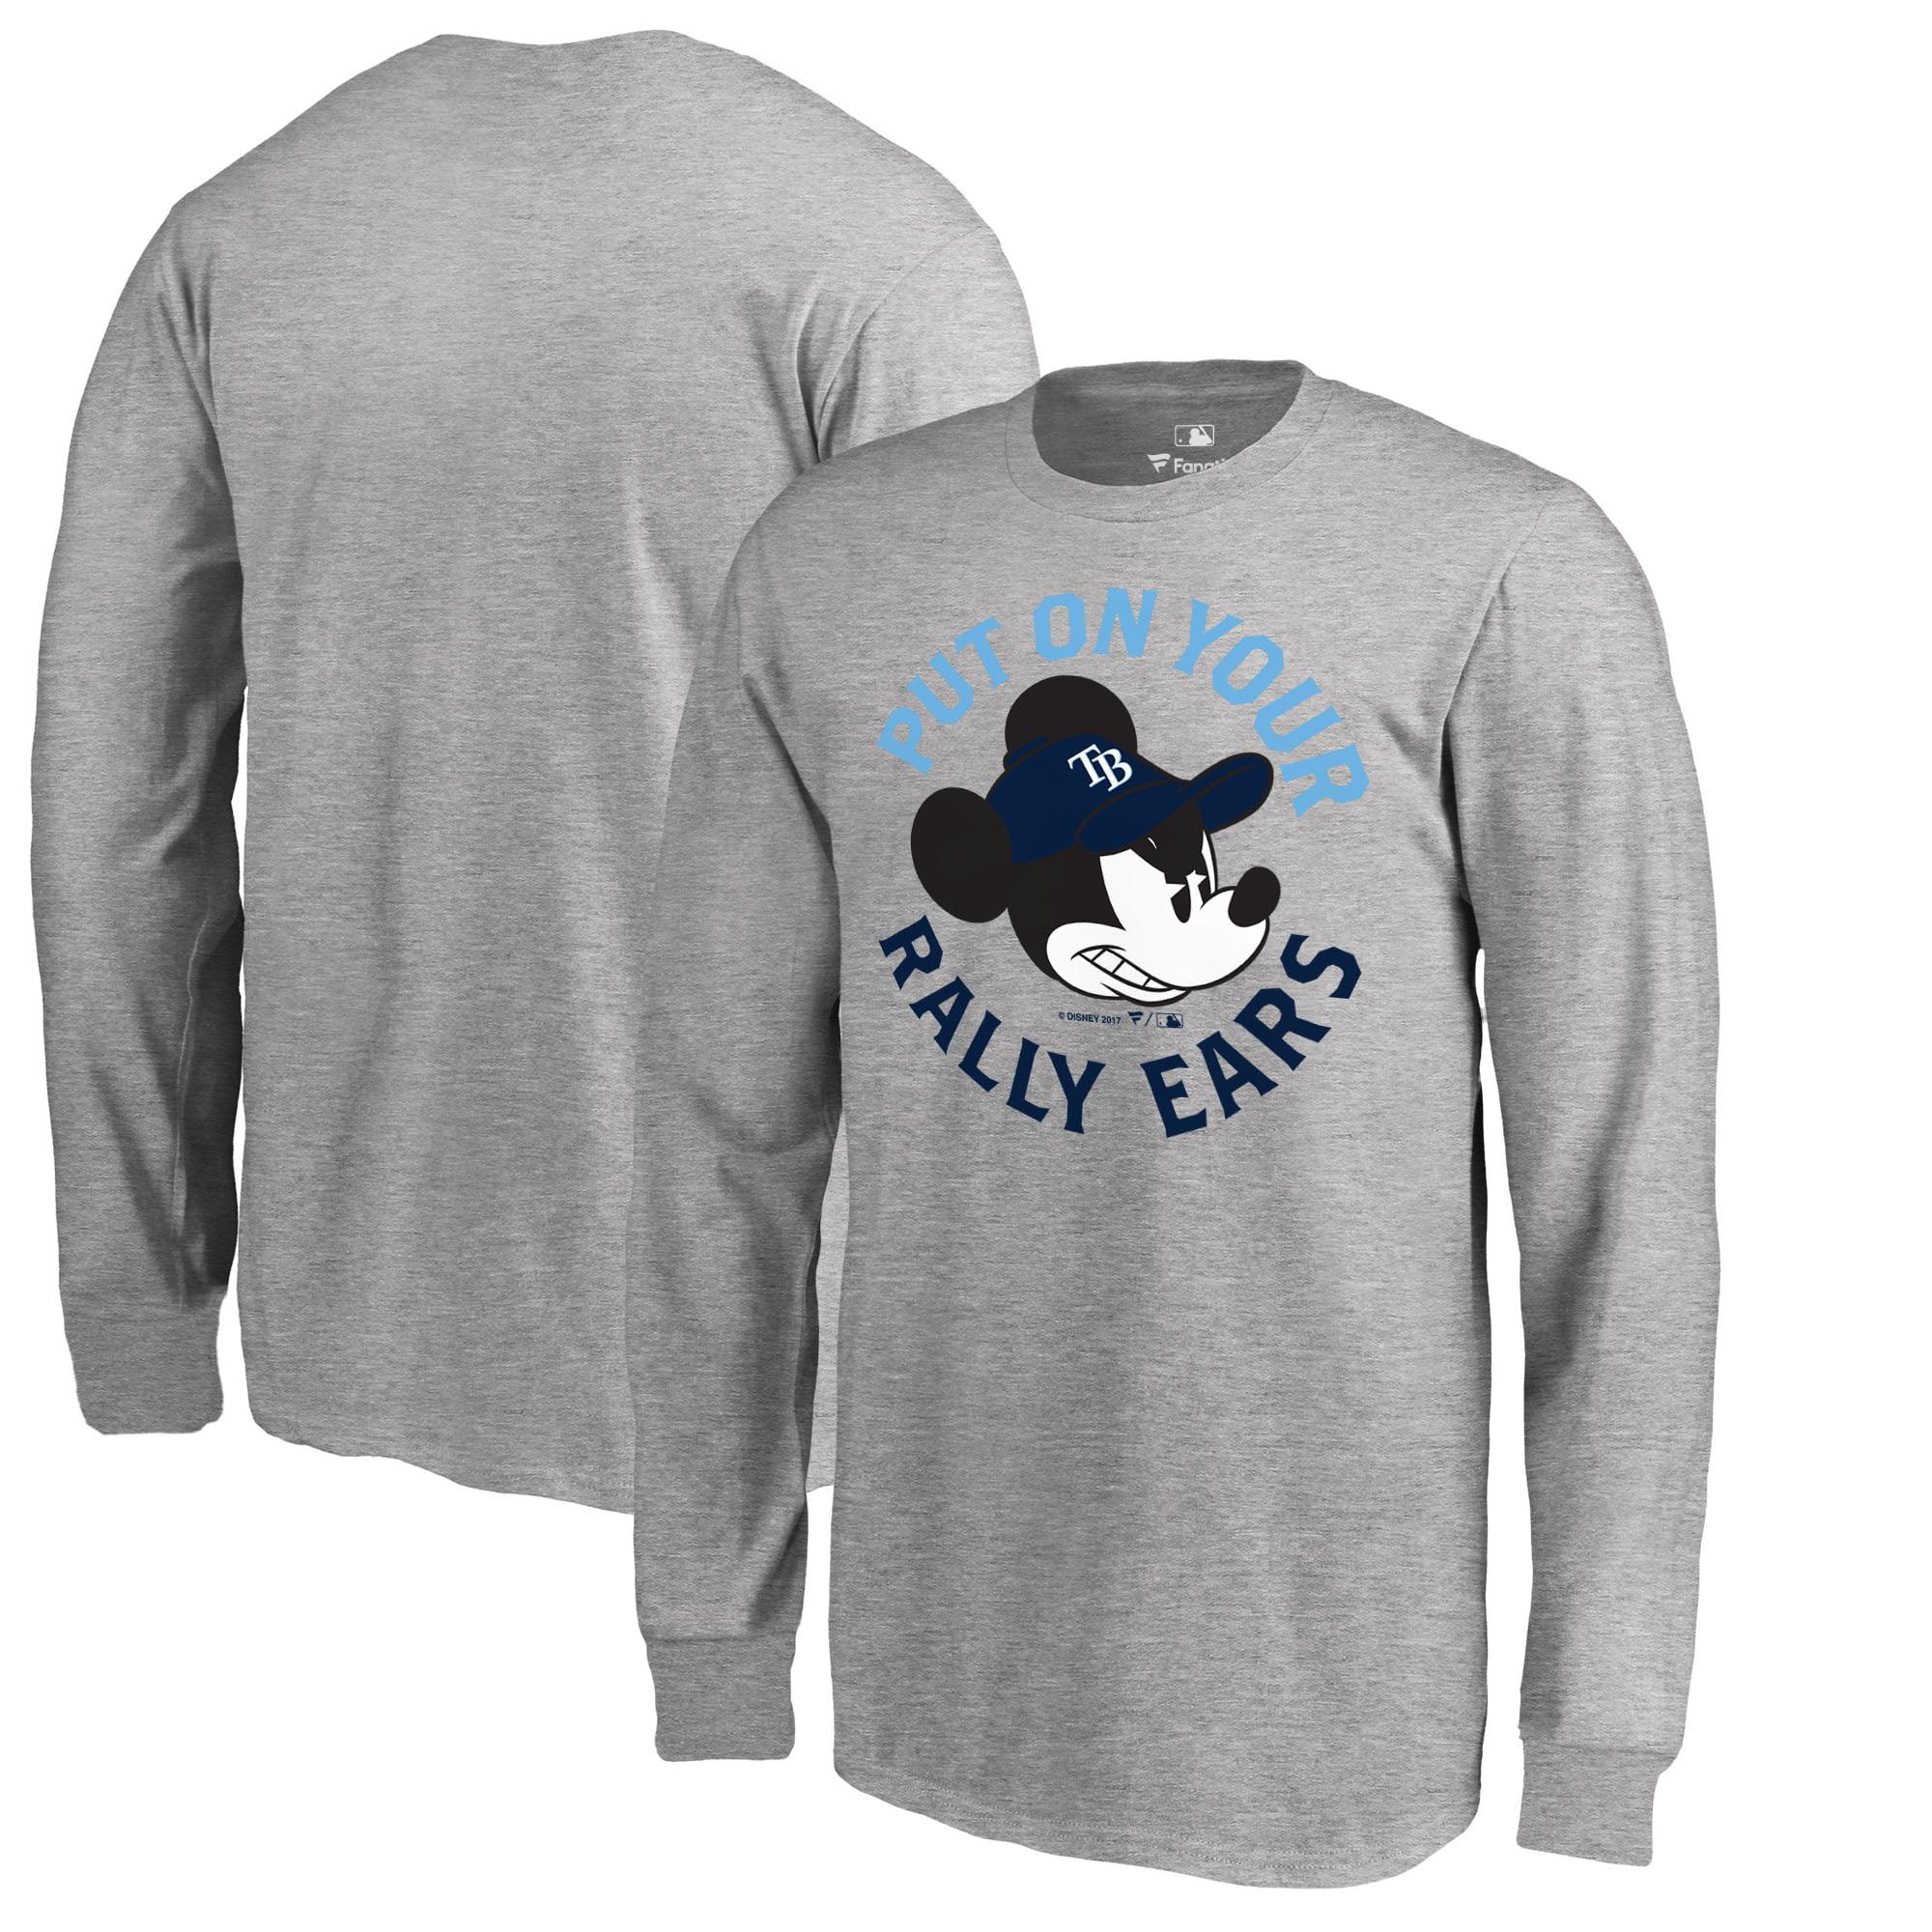 Tampa Bay Rays Fanatics Branded Youth Disney Rally Ears Long Sleeve T-Shirt - Heathered Gray